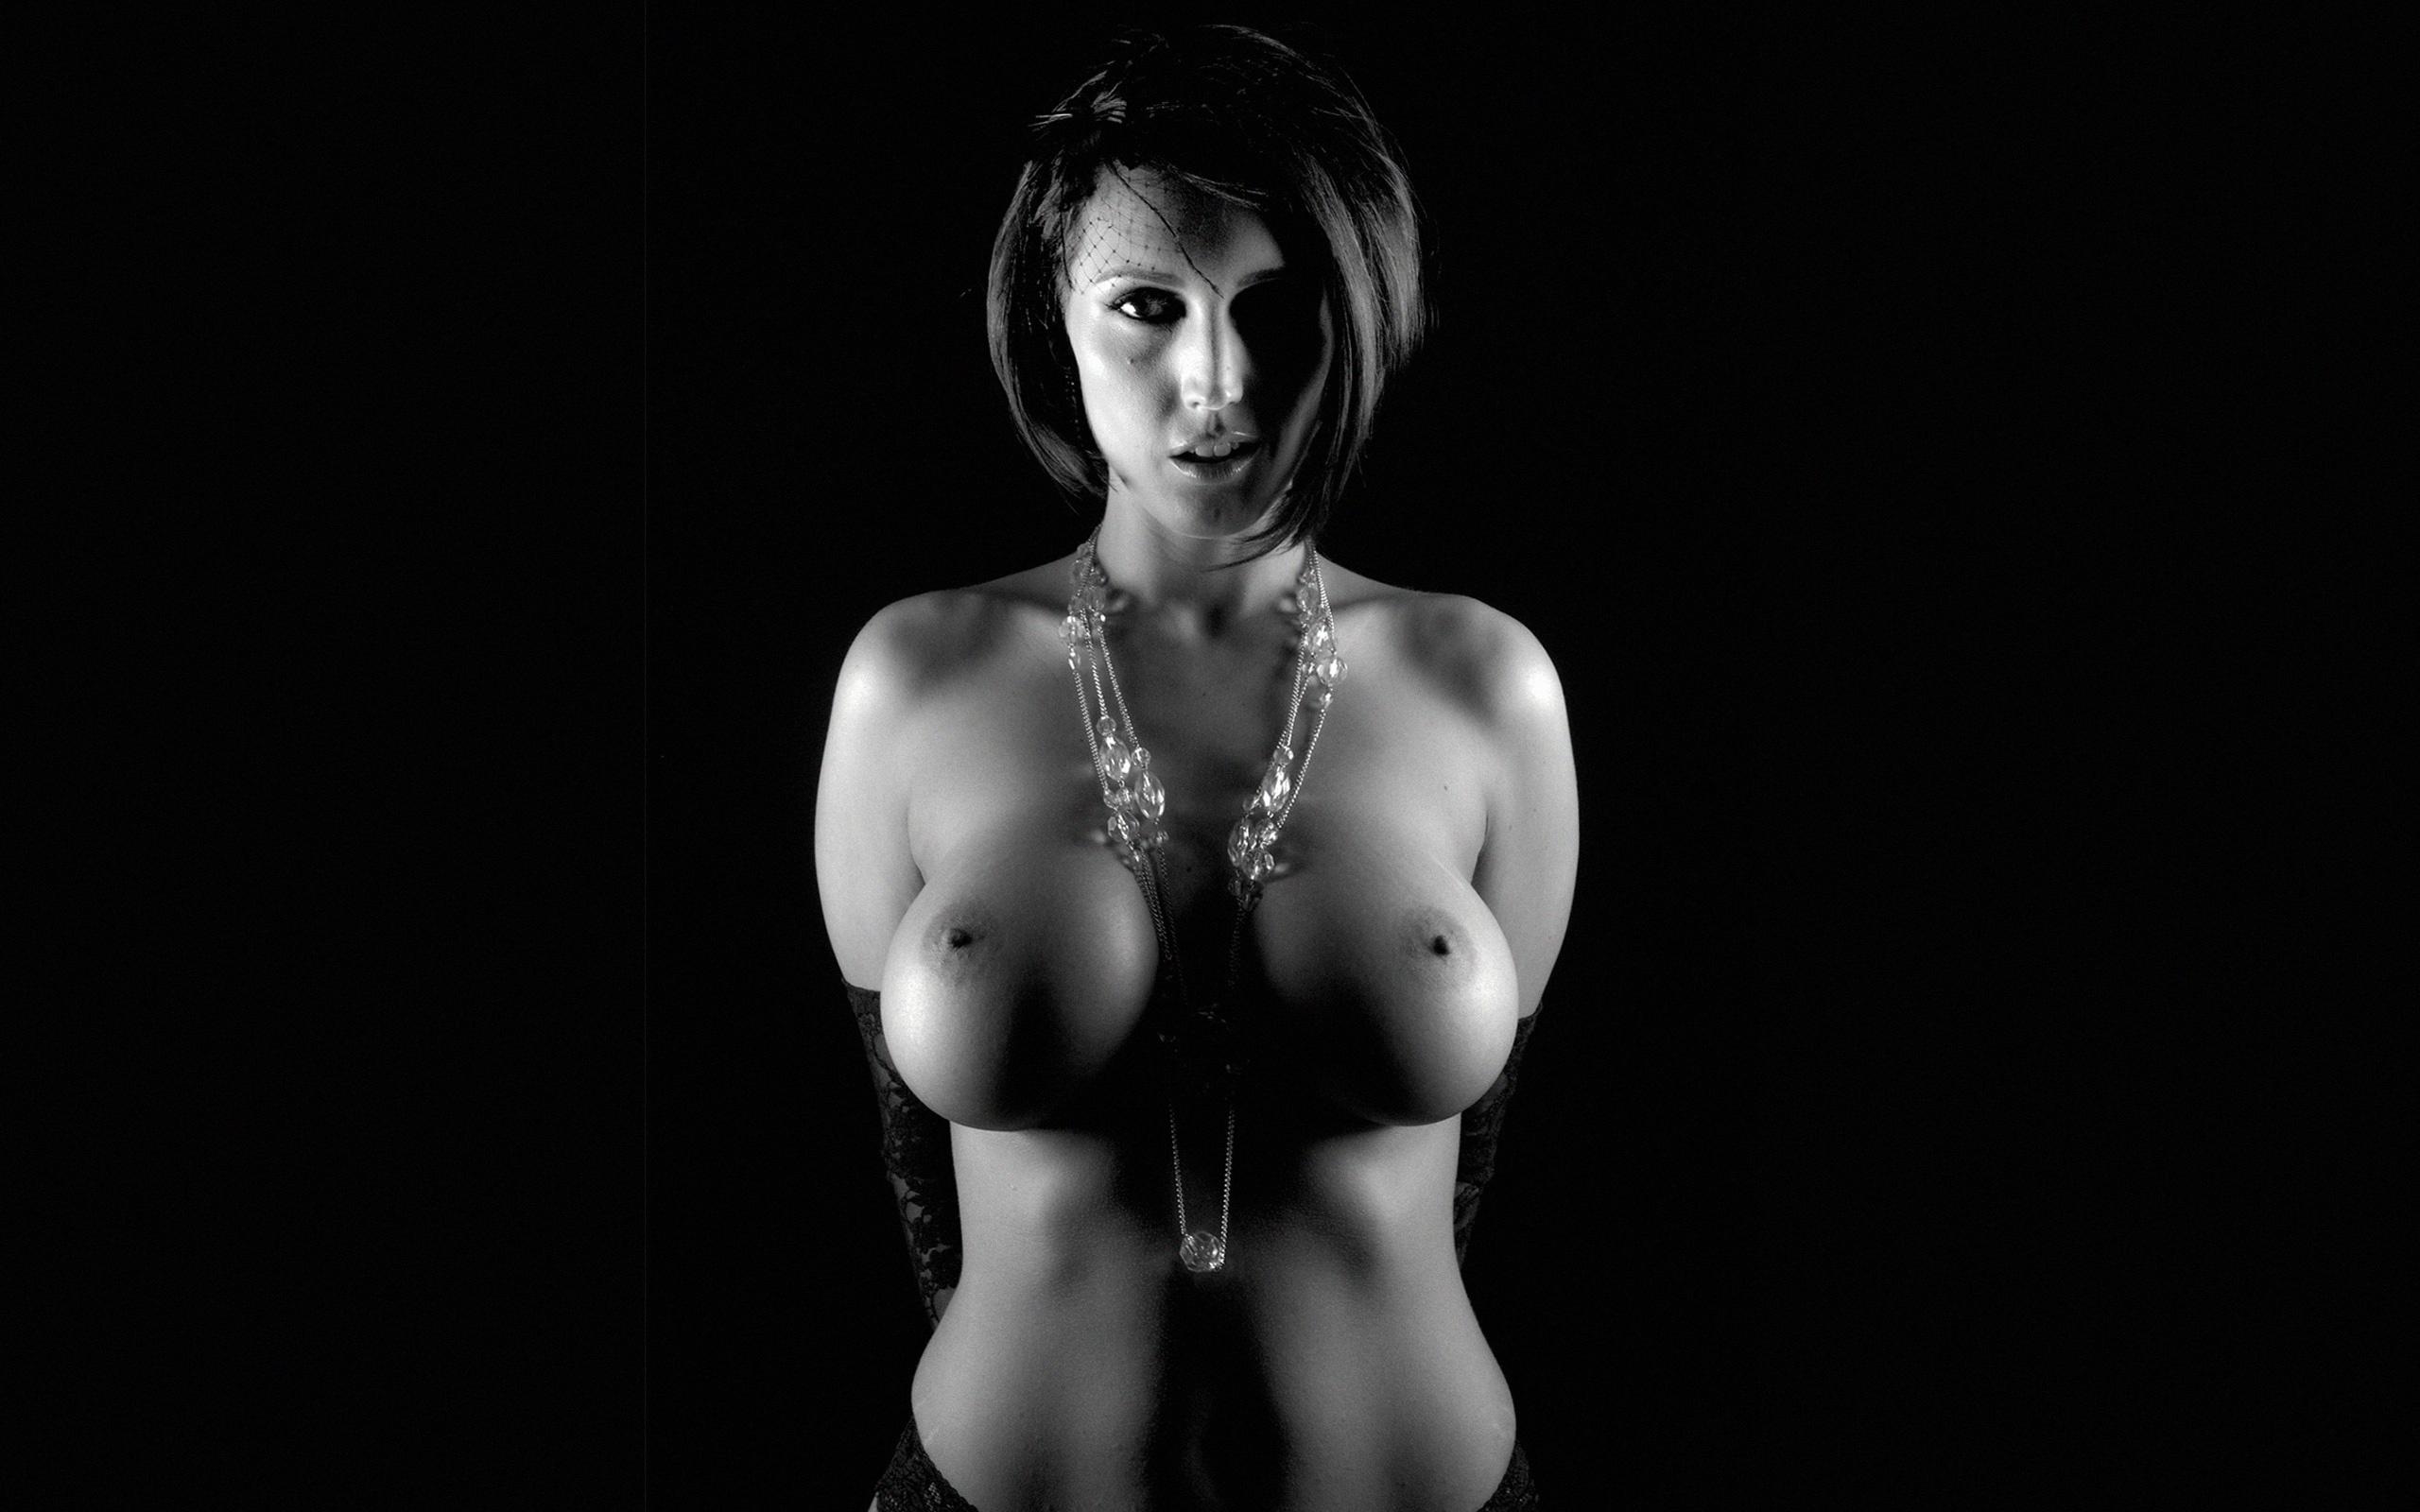 Wallpaper Dylan Ryder, Big Breasts, Boobs, Brunette, Hot -8929